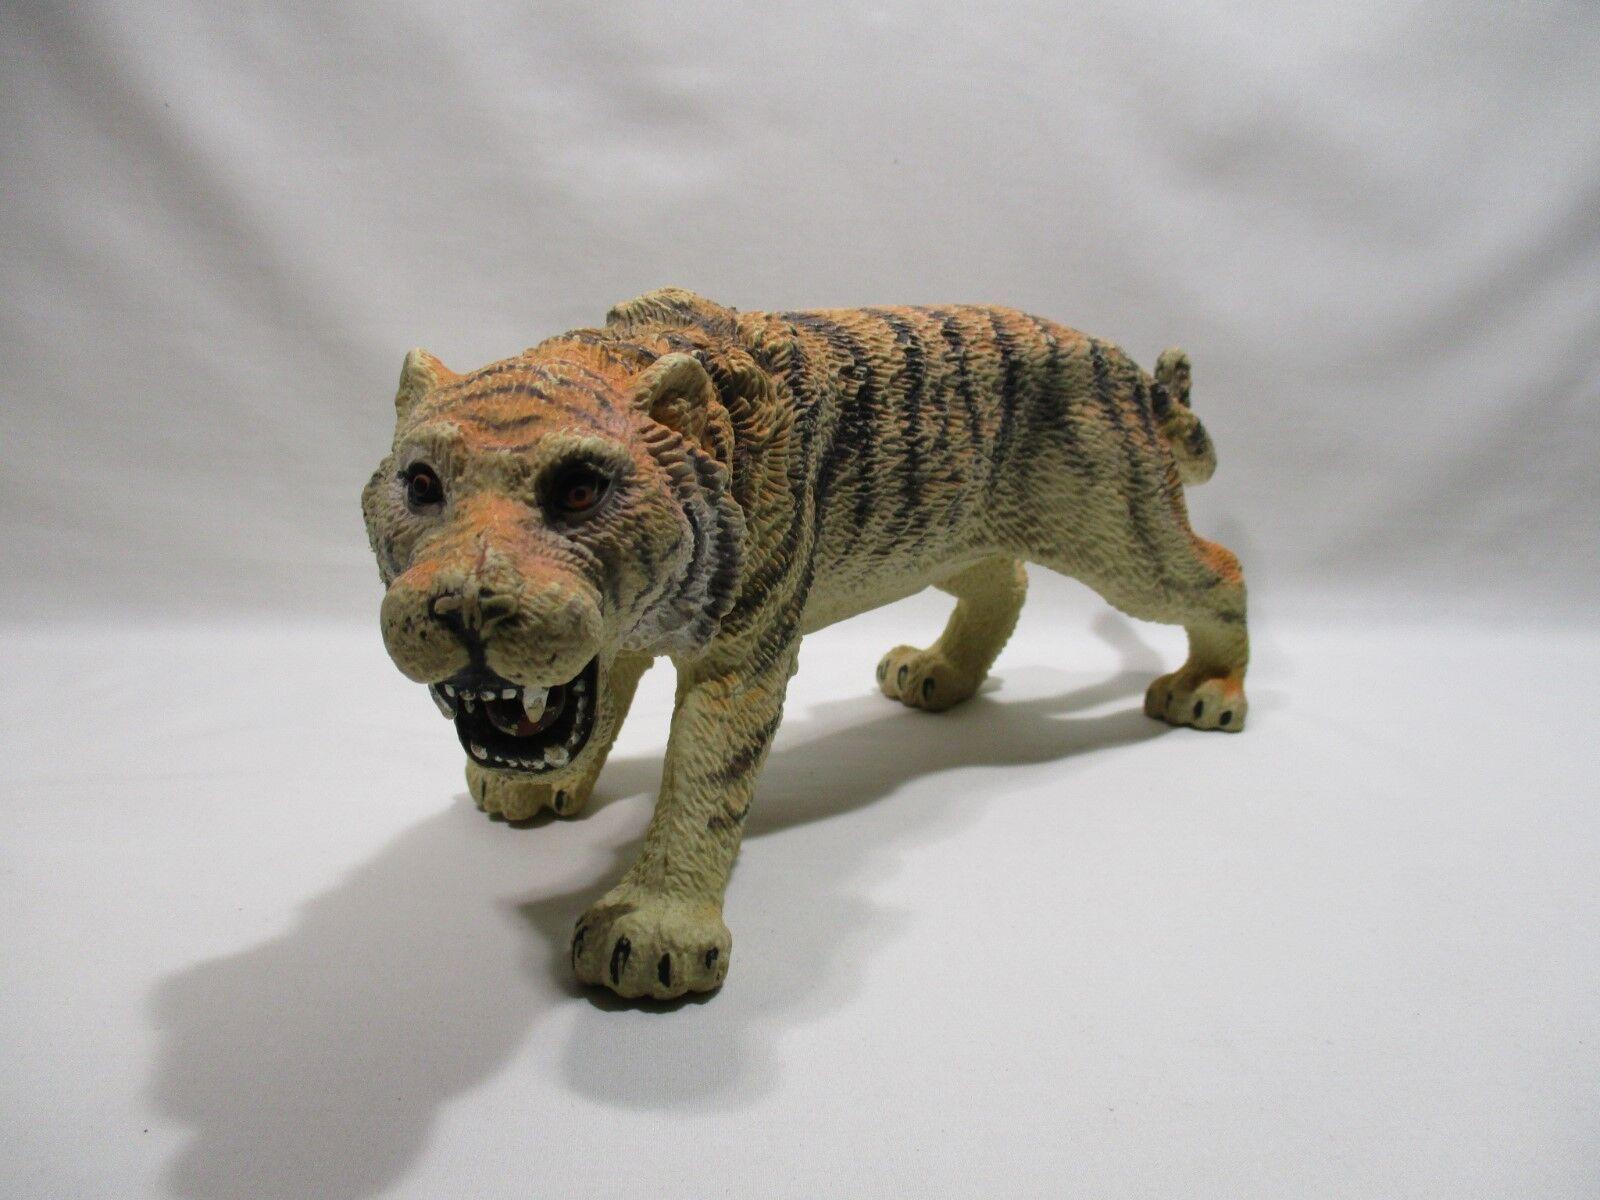 JUEGO JUGUETE FIGURA ANIMAL TIGRE MARCA T.M 1994